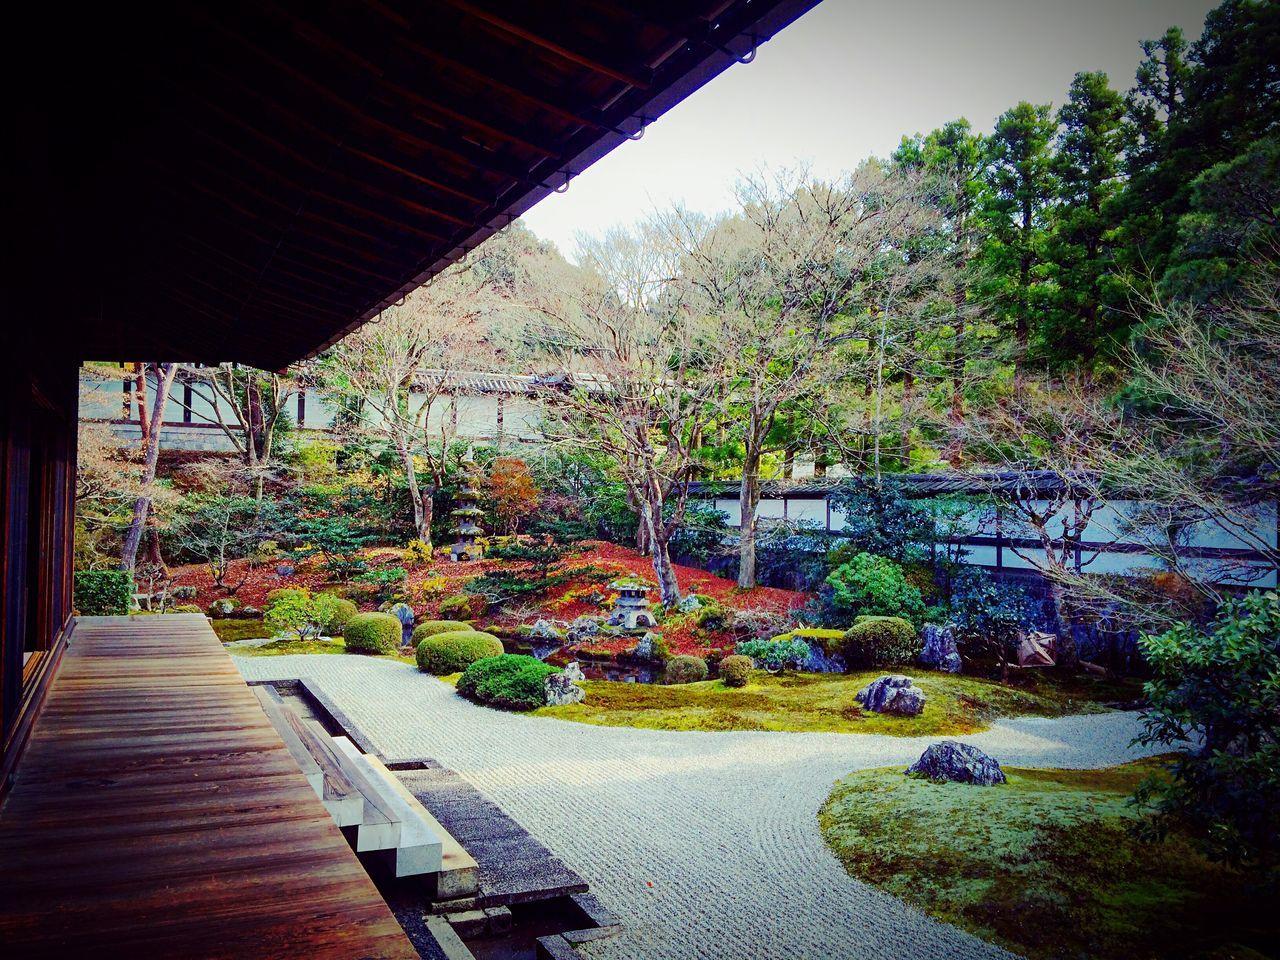 泉涌寺本坊庭園 Kyoto Relaxing 泉涌寺 寺社仏閣